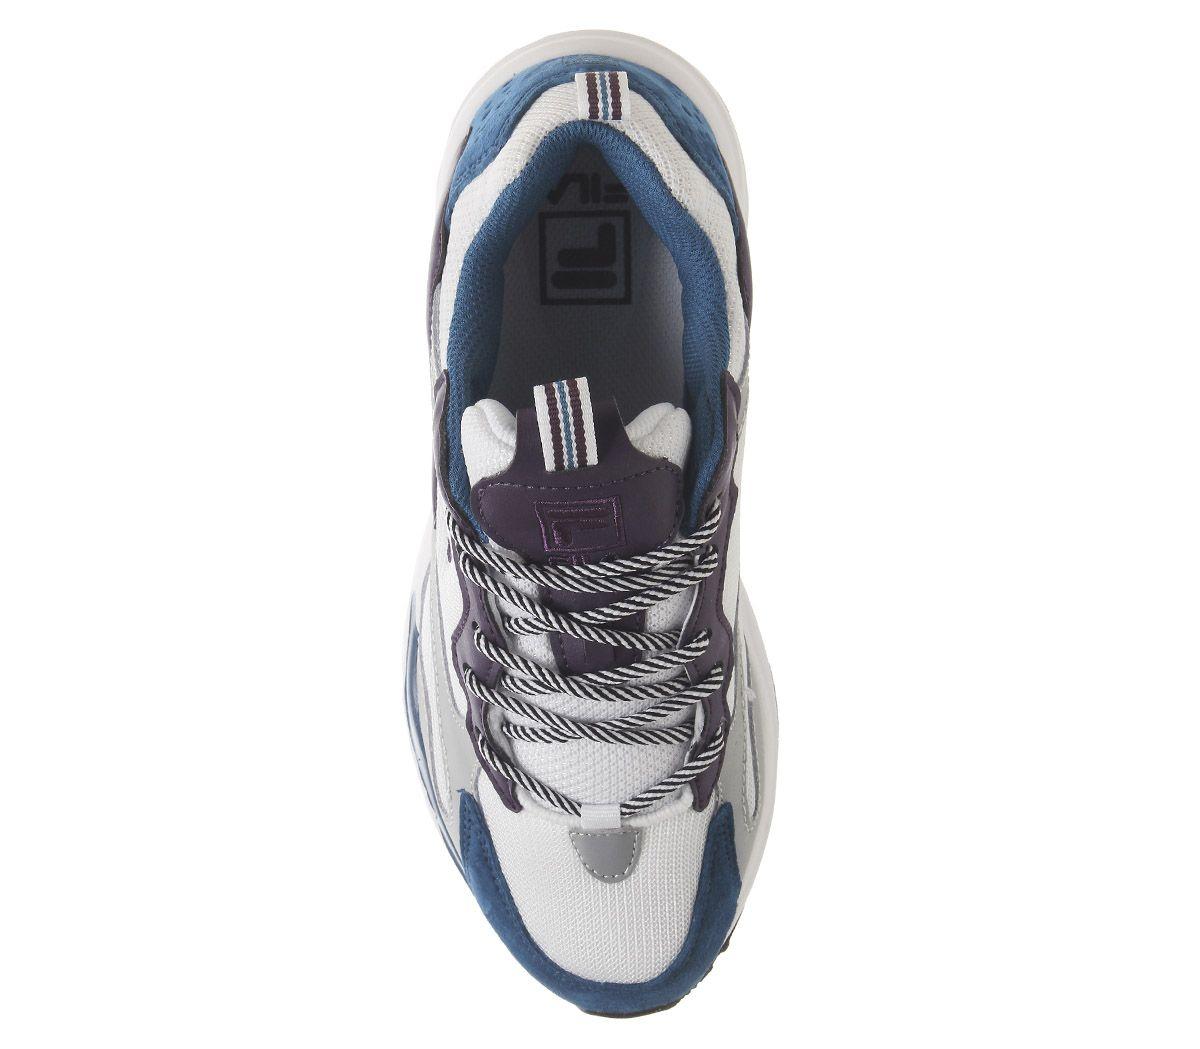 Detalles de Zapatillas para mujer fila trazador de rayos Tinta Blanca Blue Púrpura Banderín F Zapatillas Zapatos ver título original